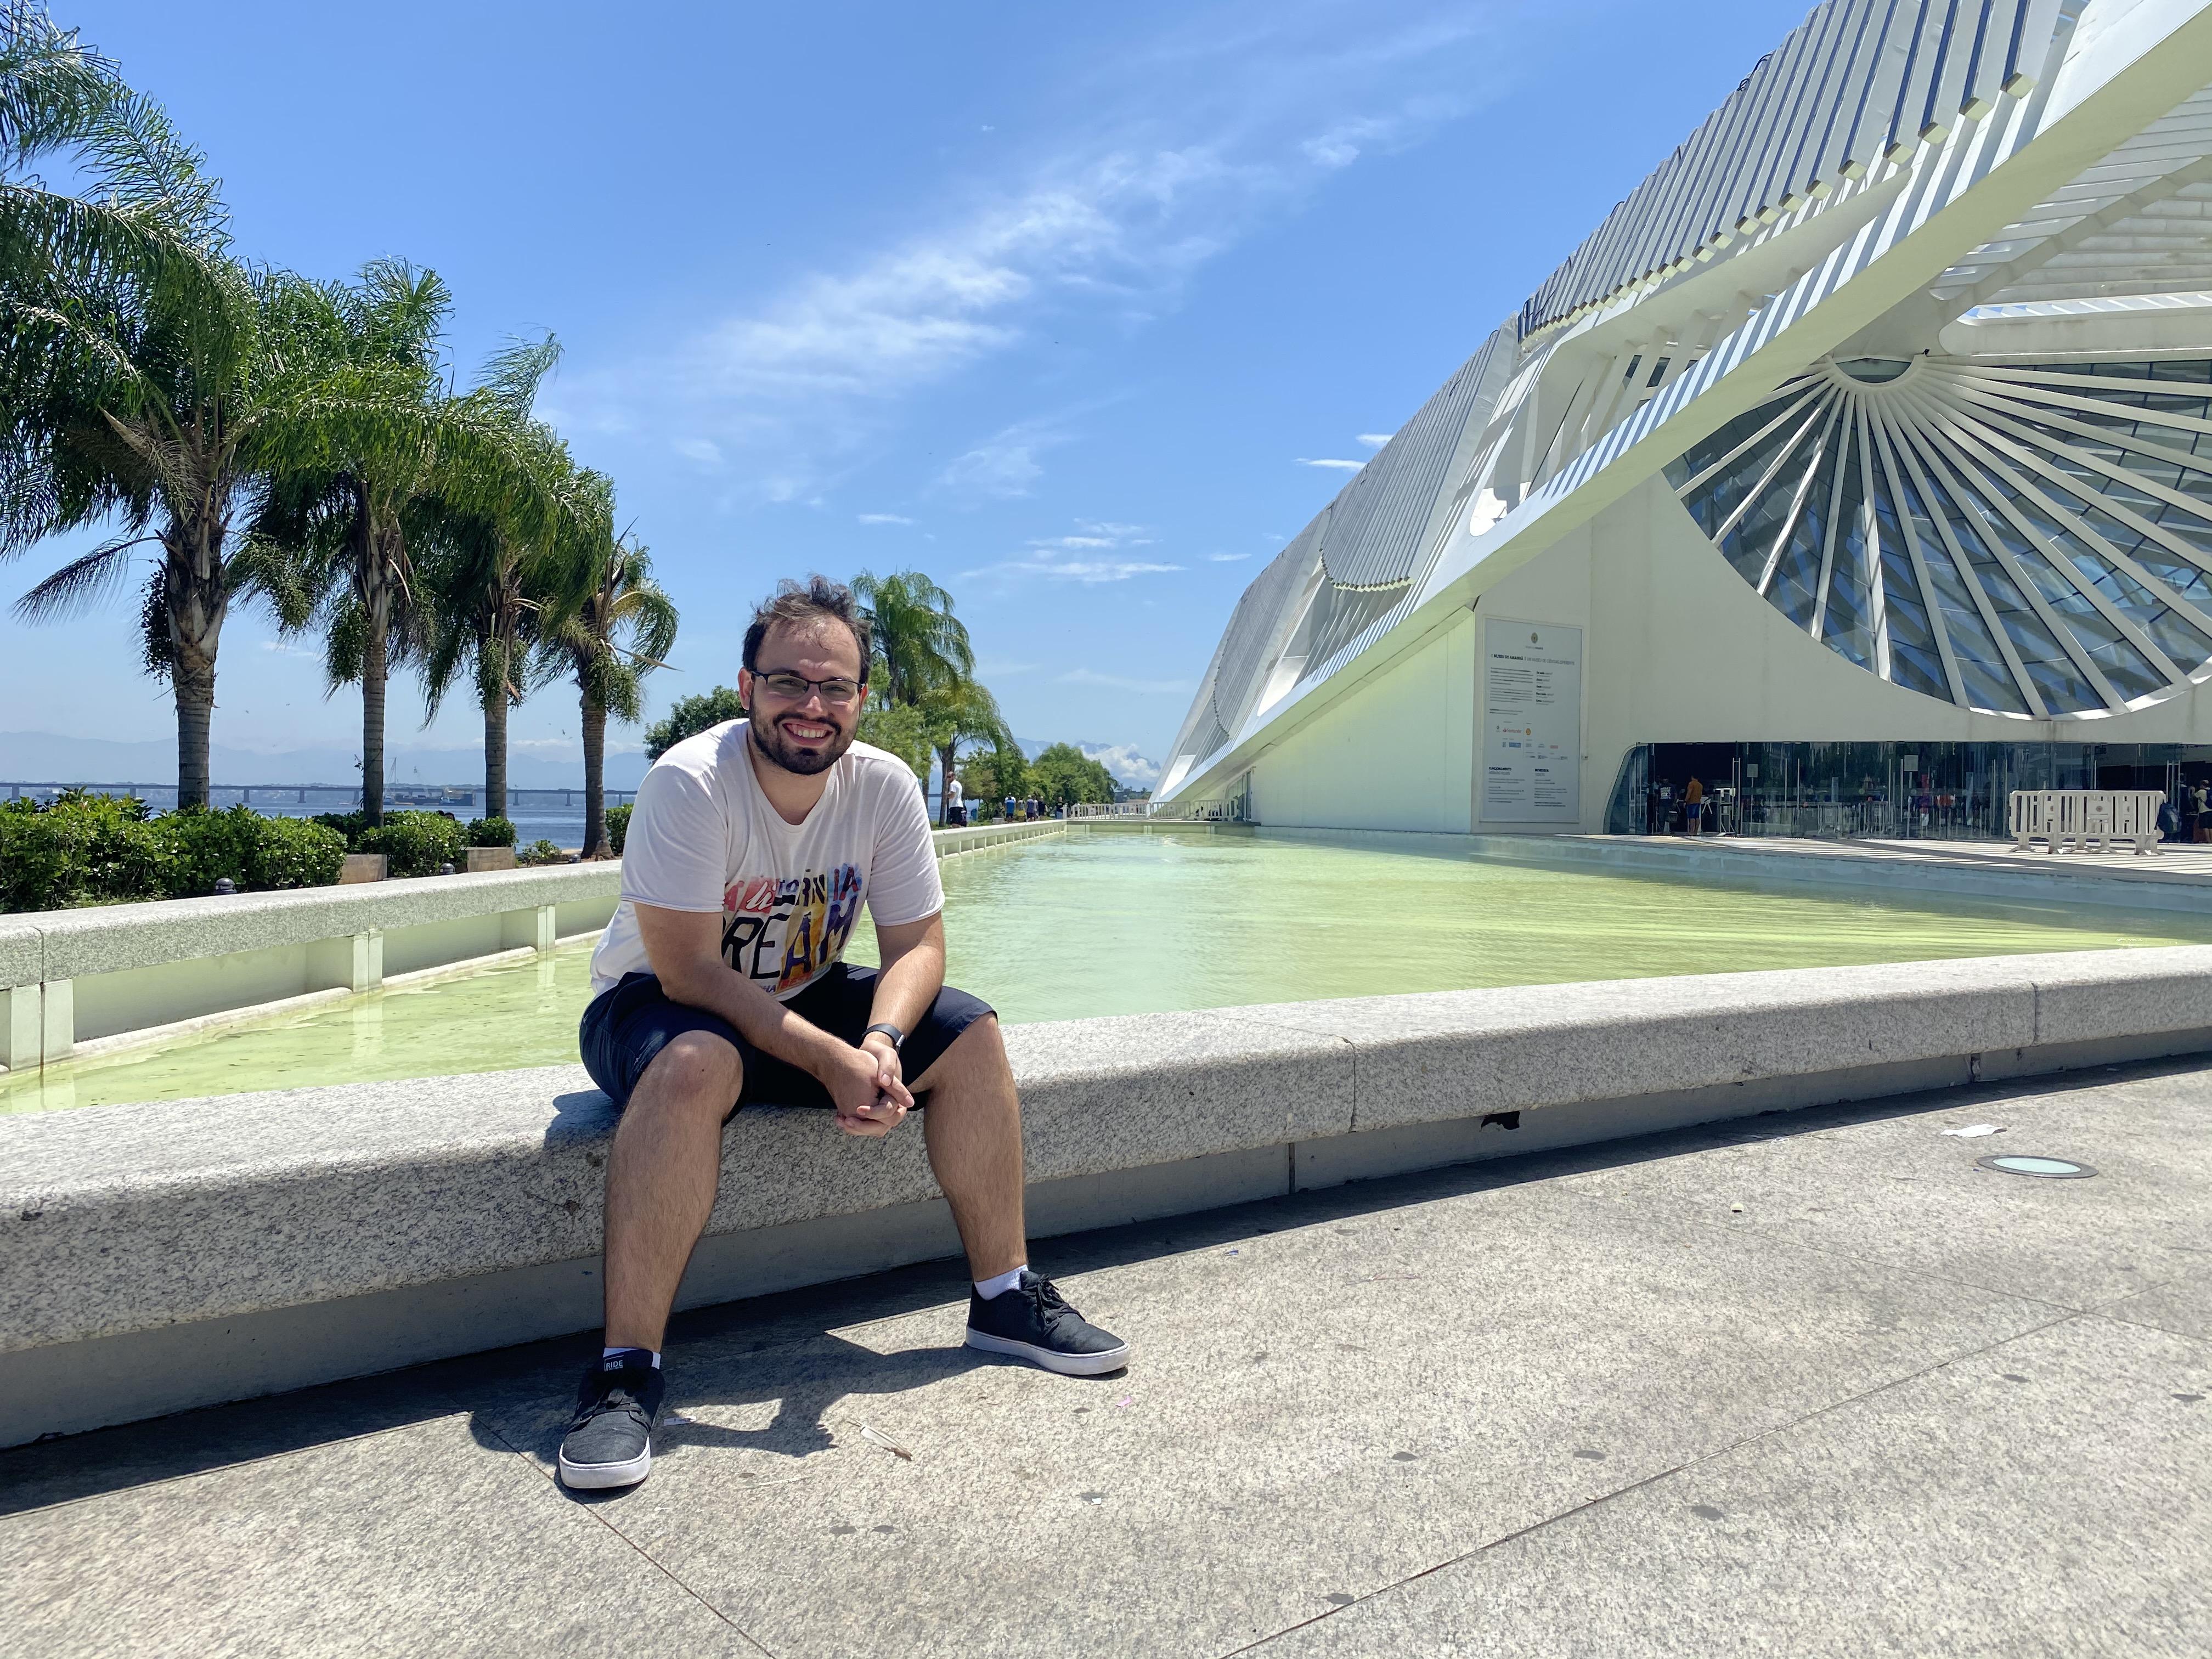 museu-do-amanha-lembrancas-da-gabi-blog